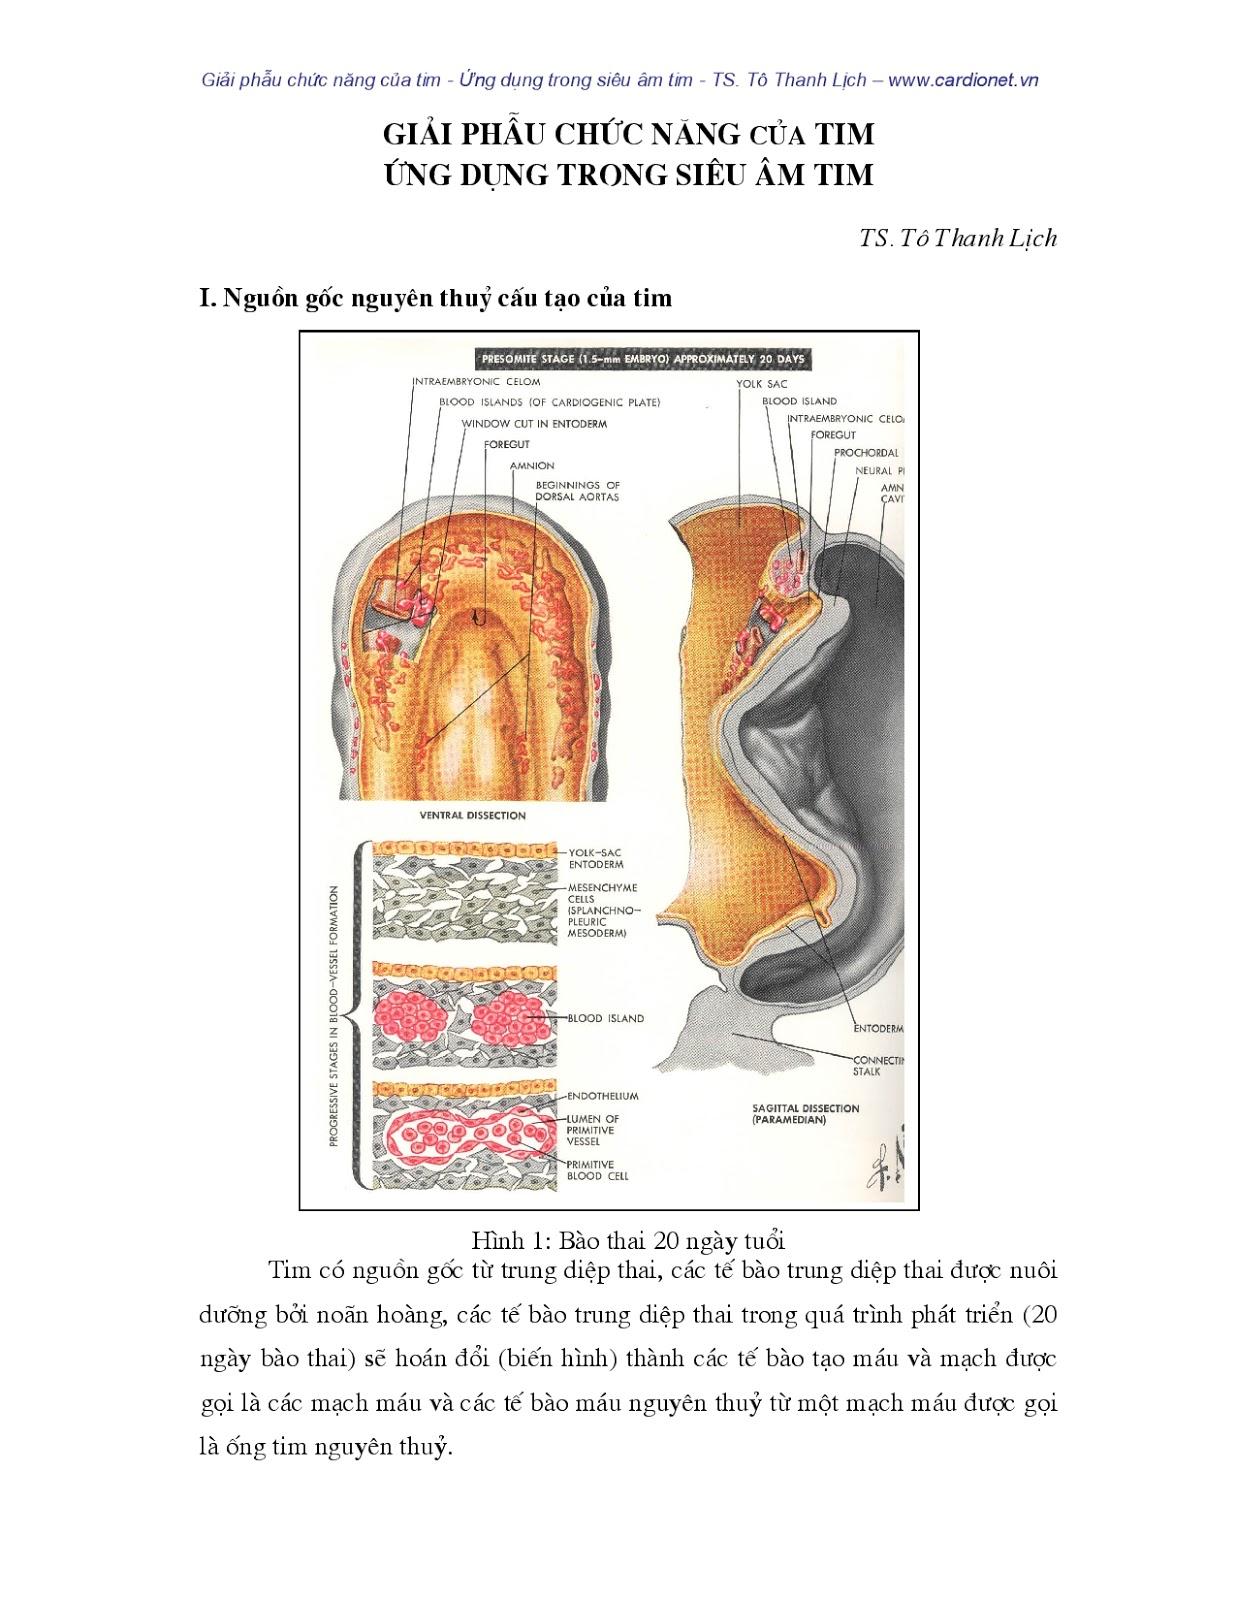 Giải phẫu chức năng của tim Ứng dụng trong siêu âm Doppler tim